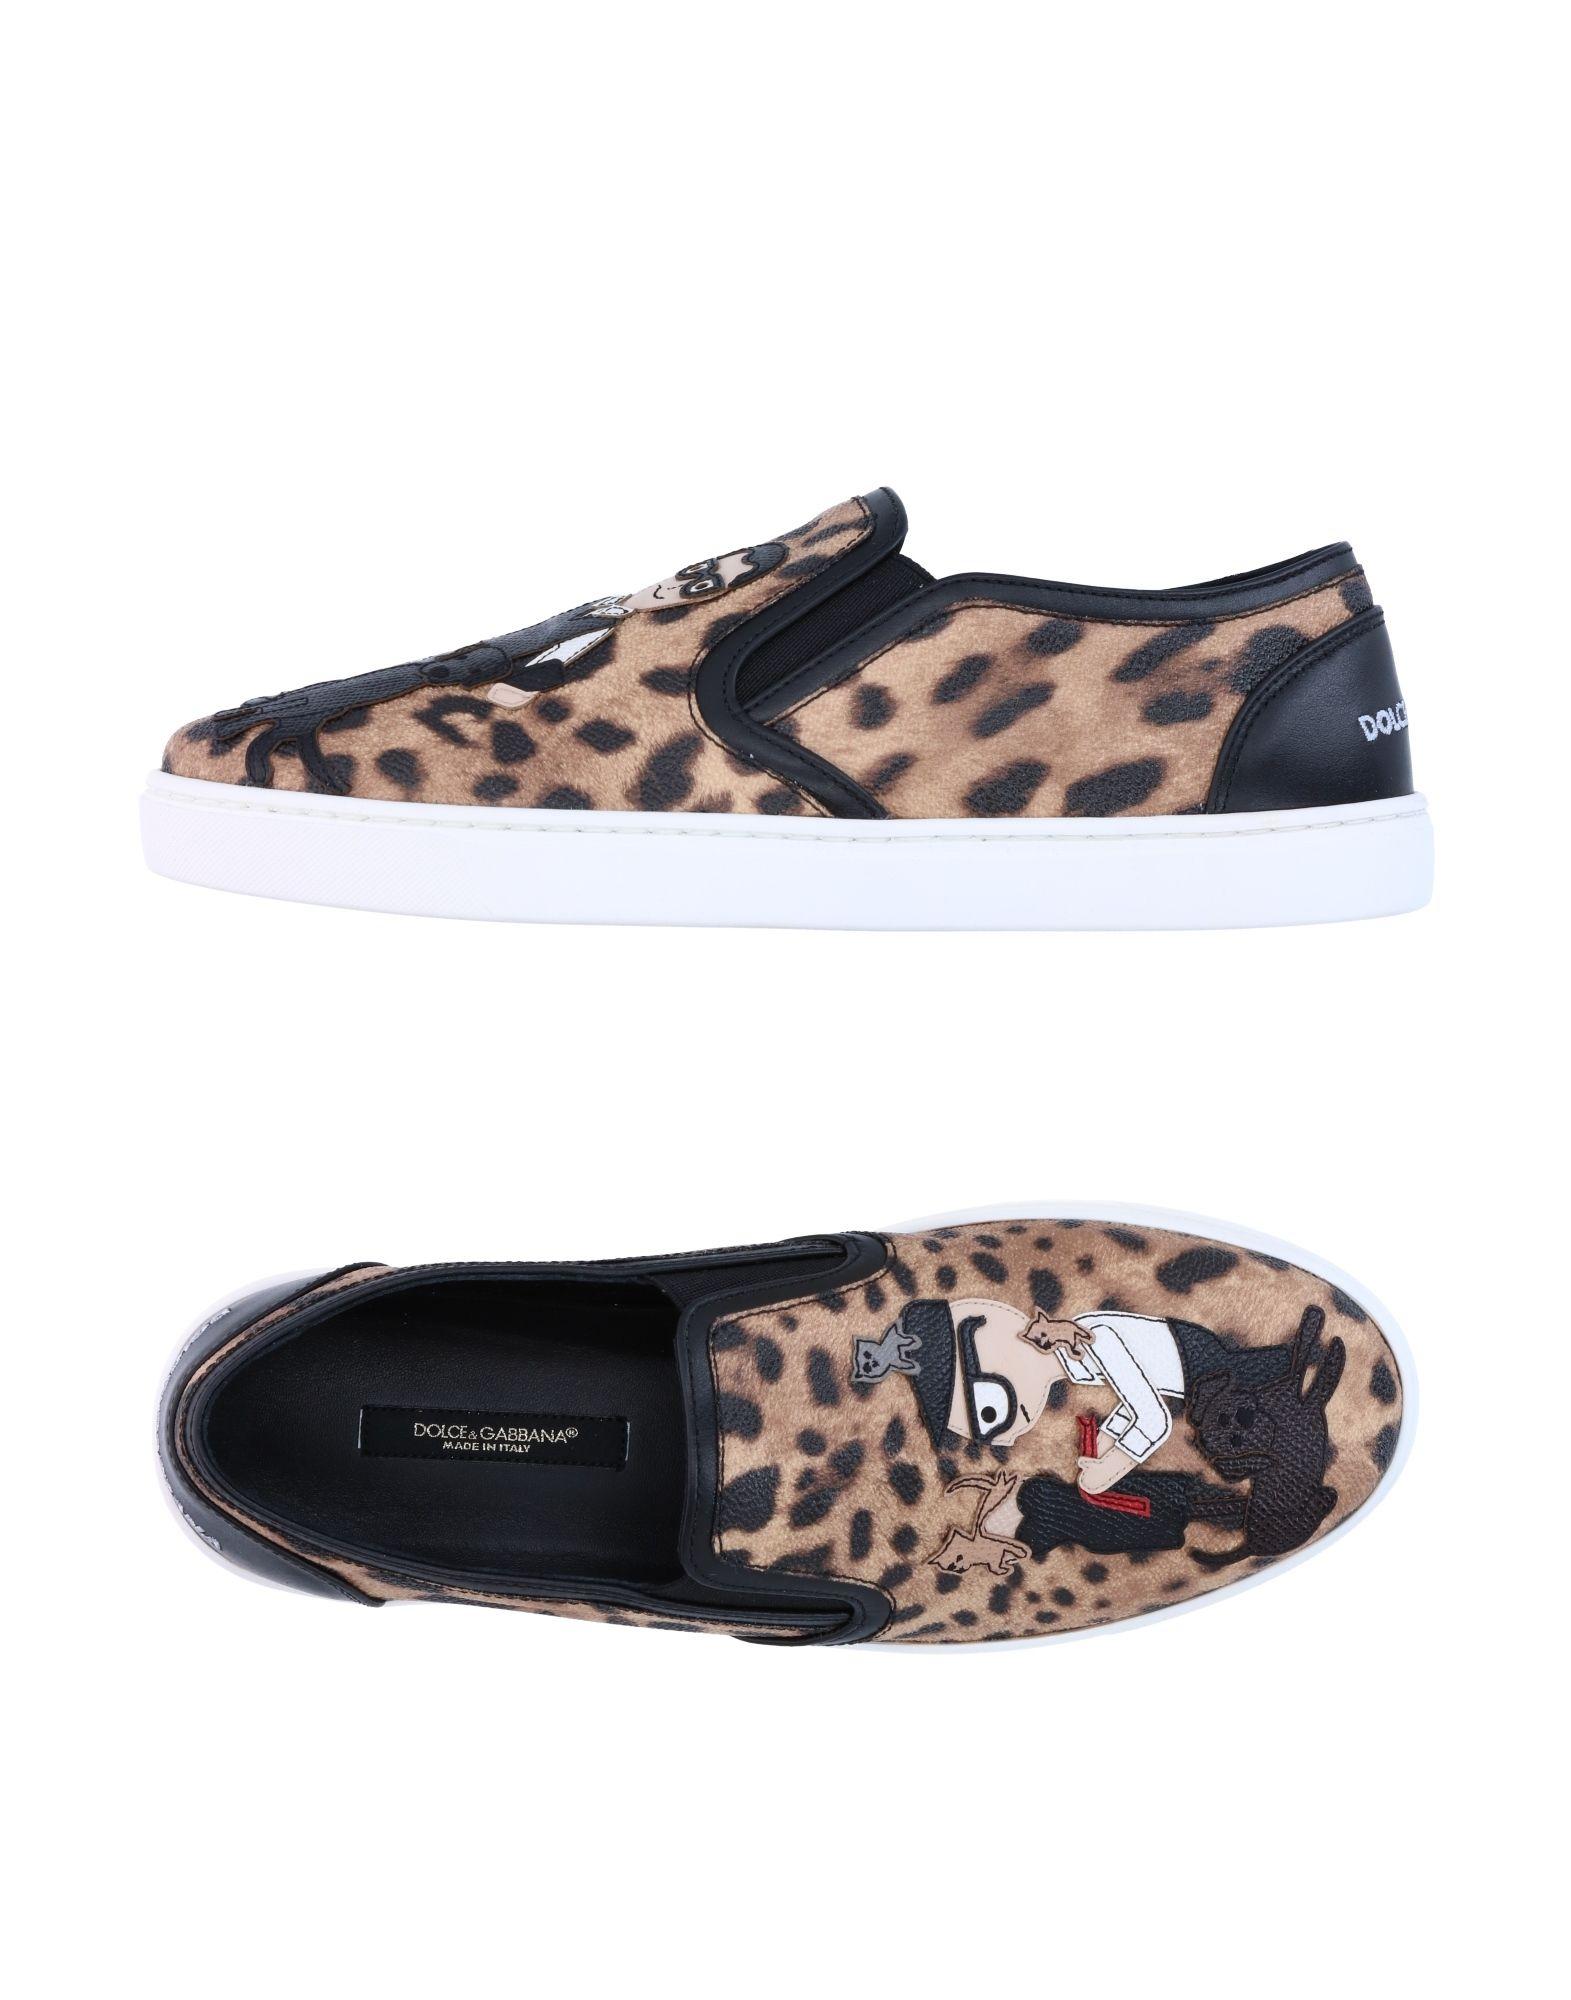 Dolce & Gabbana Sneakers Damen Schuhe  11271242DTGünstige gut aussehende Schuhe Damen 949045